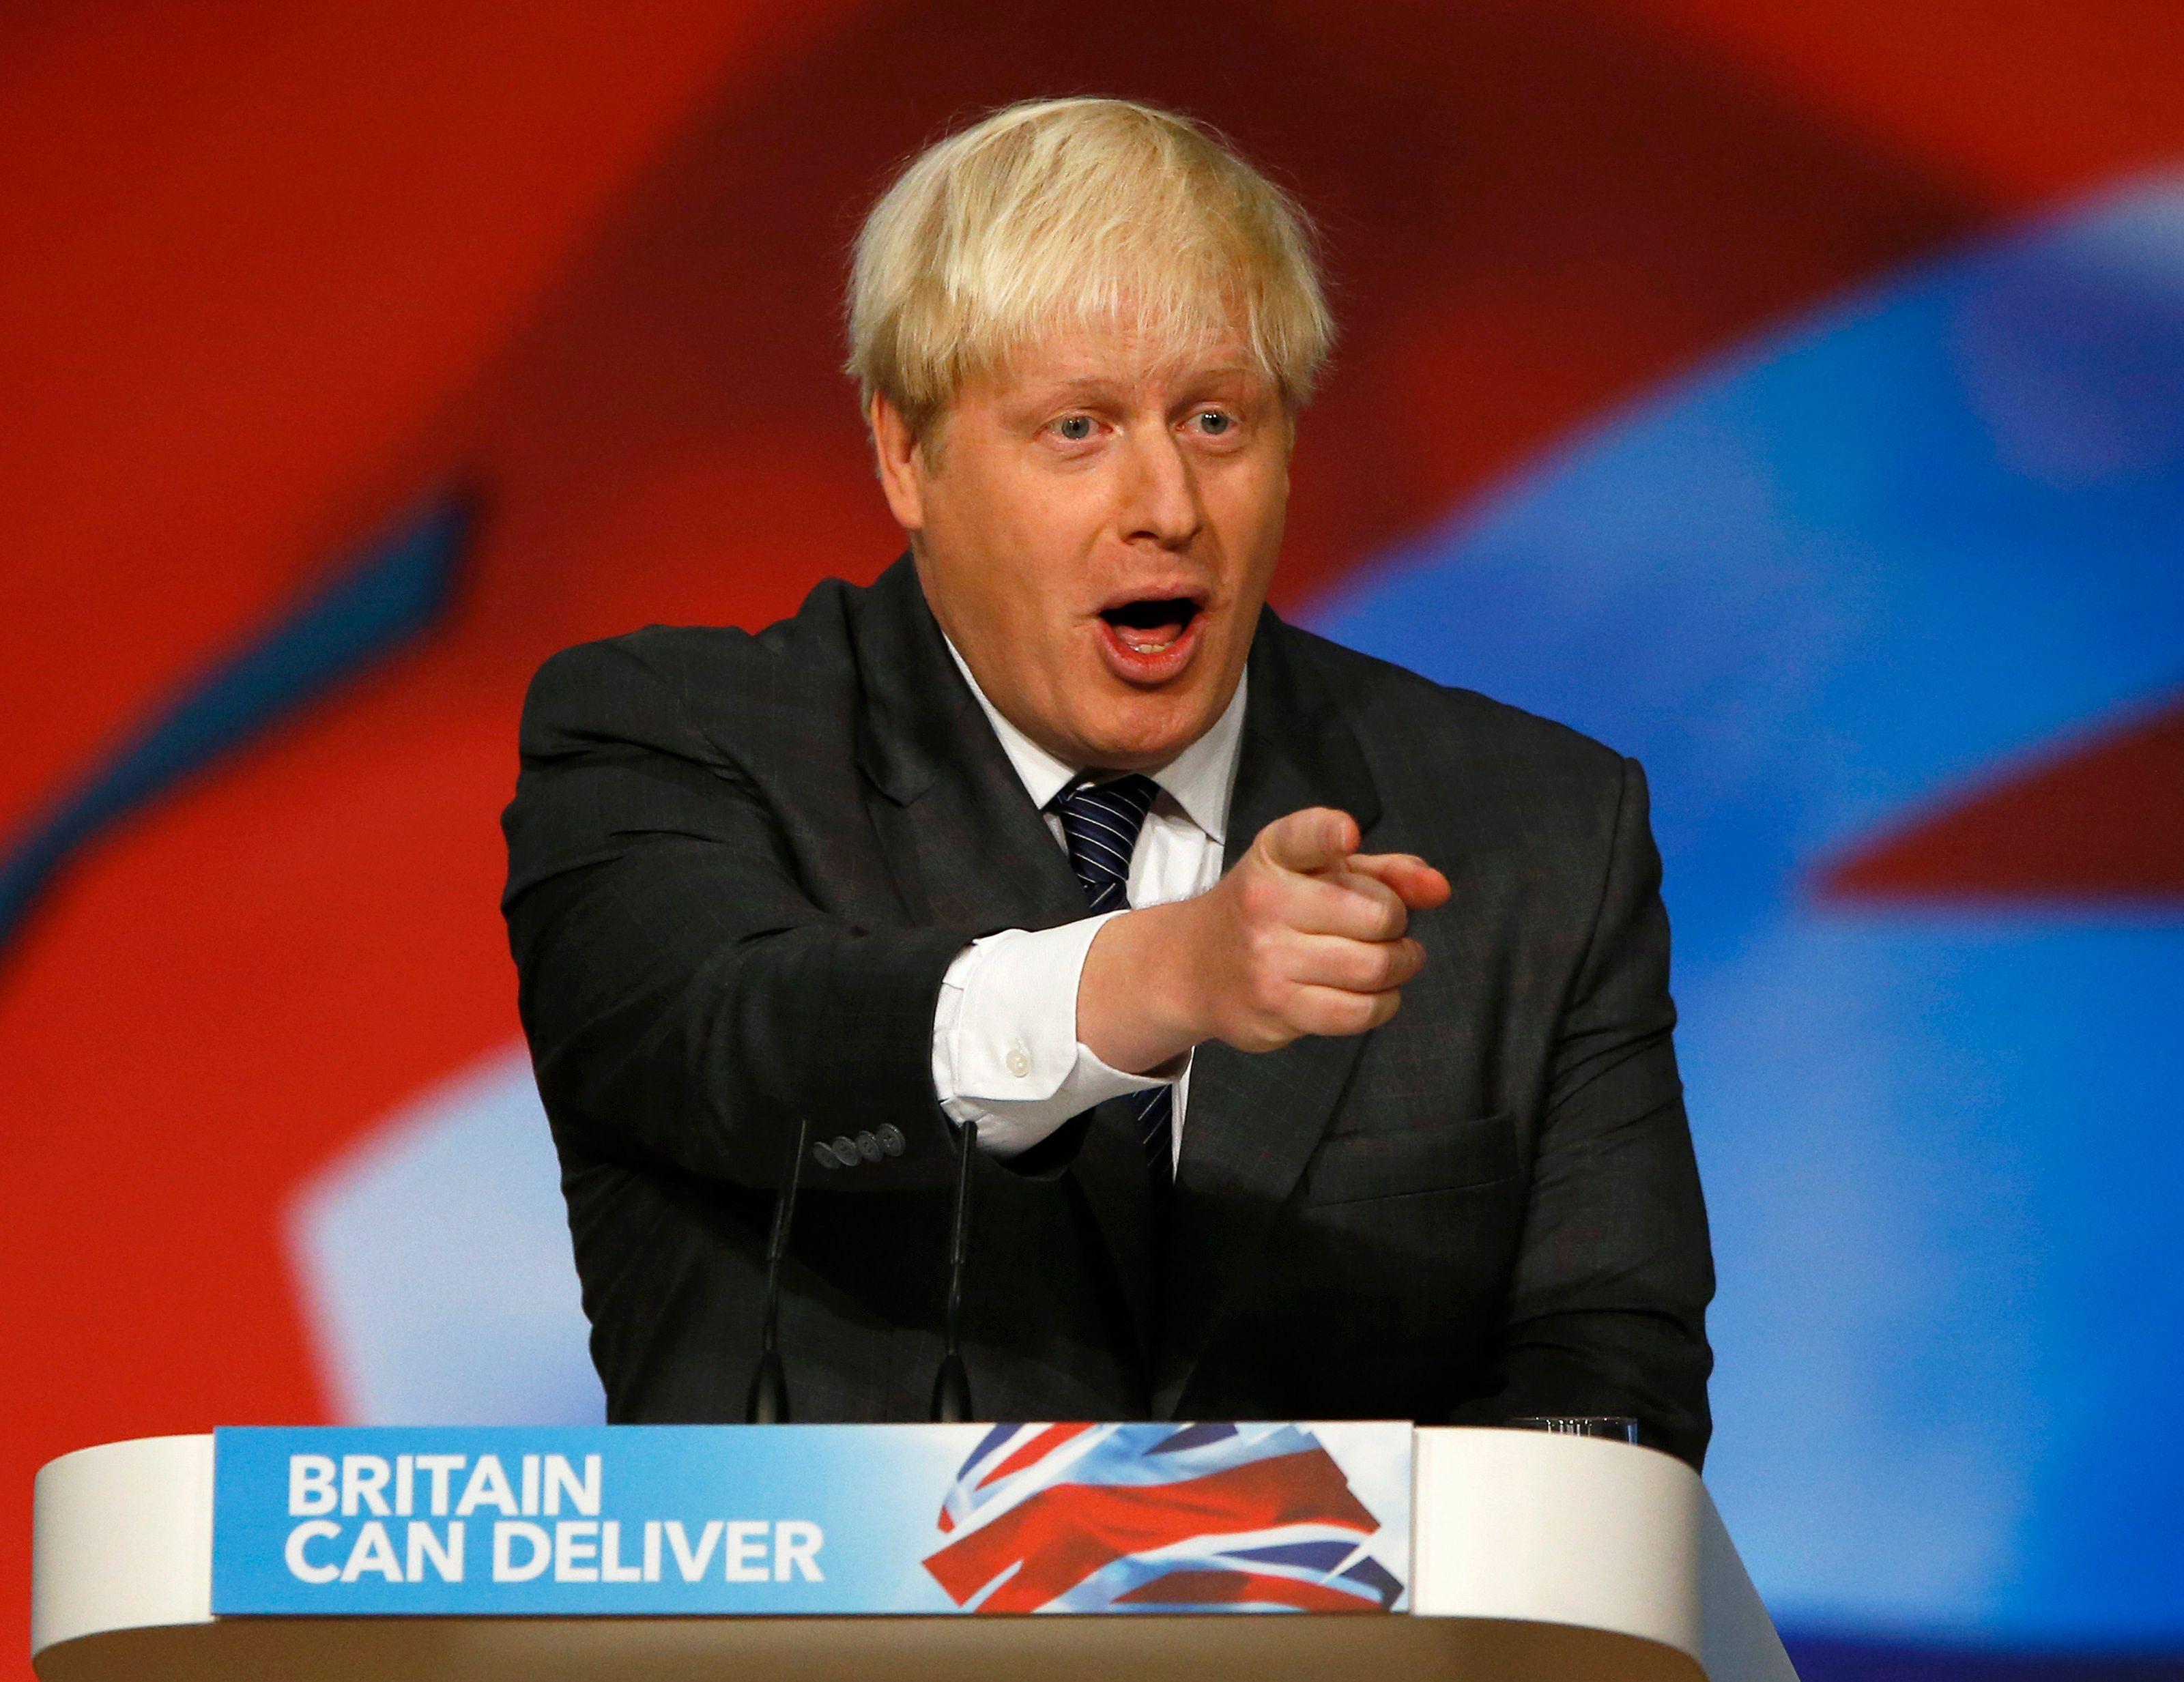 Brexit : Boris Johnson rejette une éventuelle alliance avec Nigel Farage